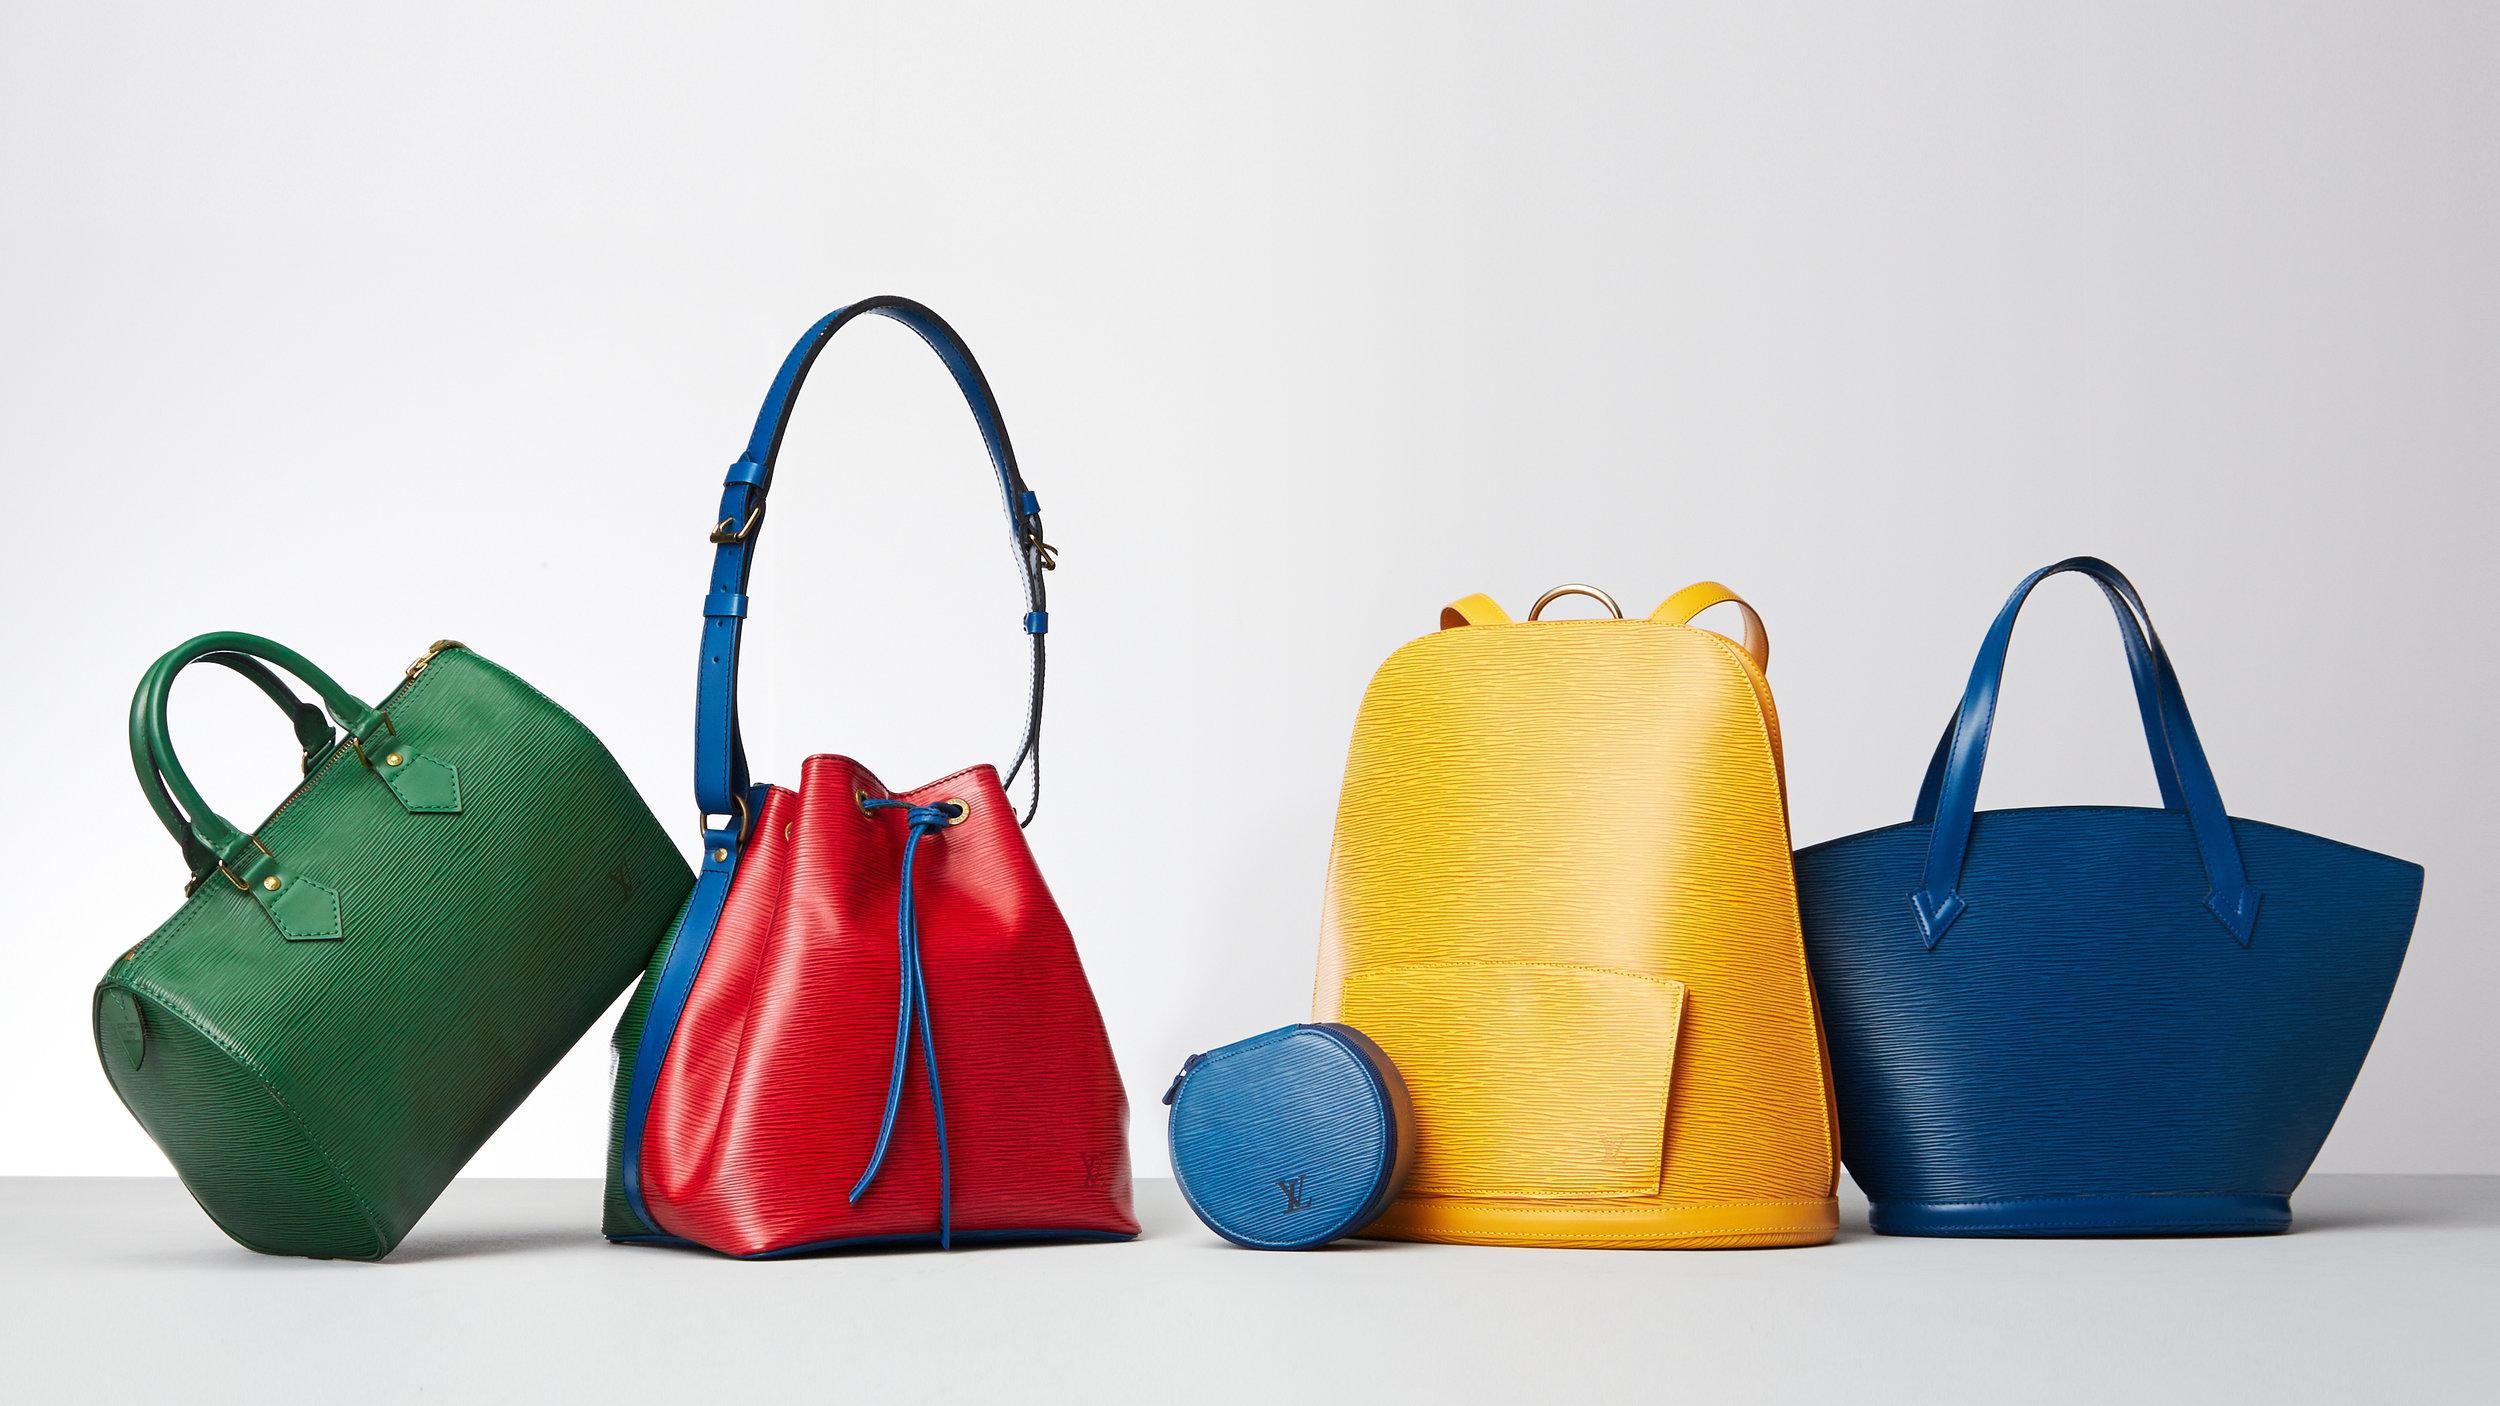 Bags-1.jpg